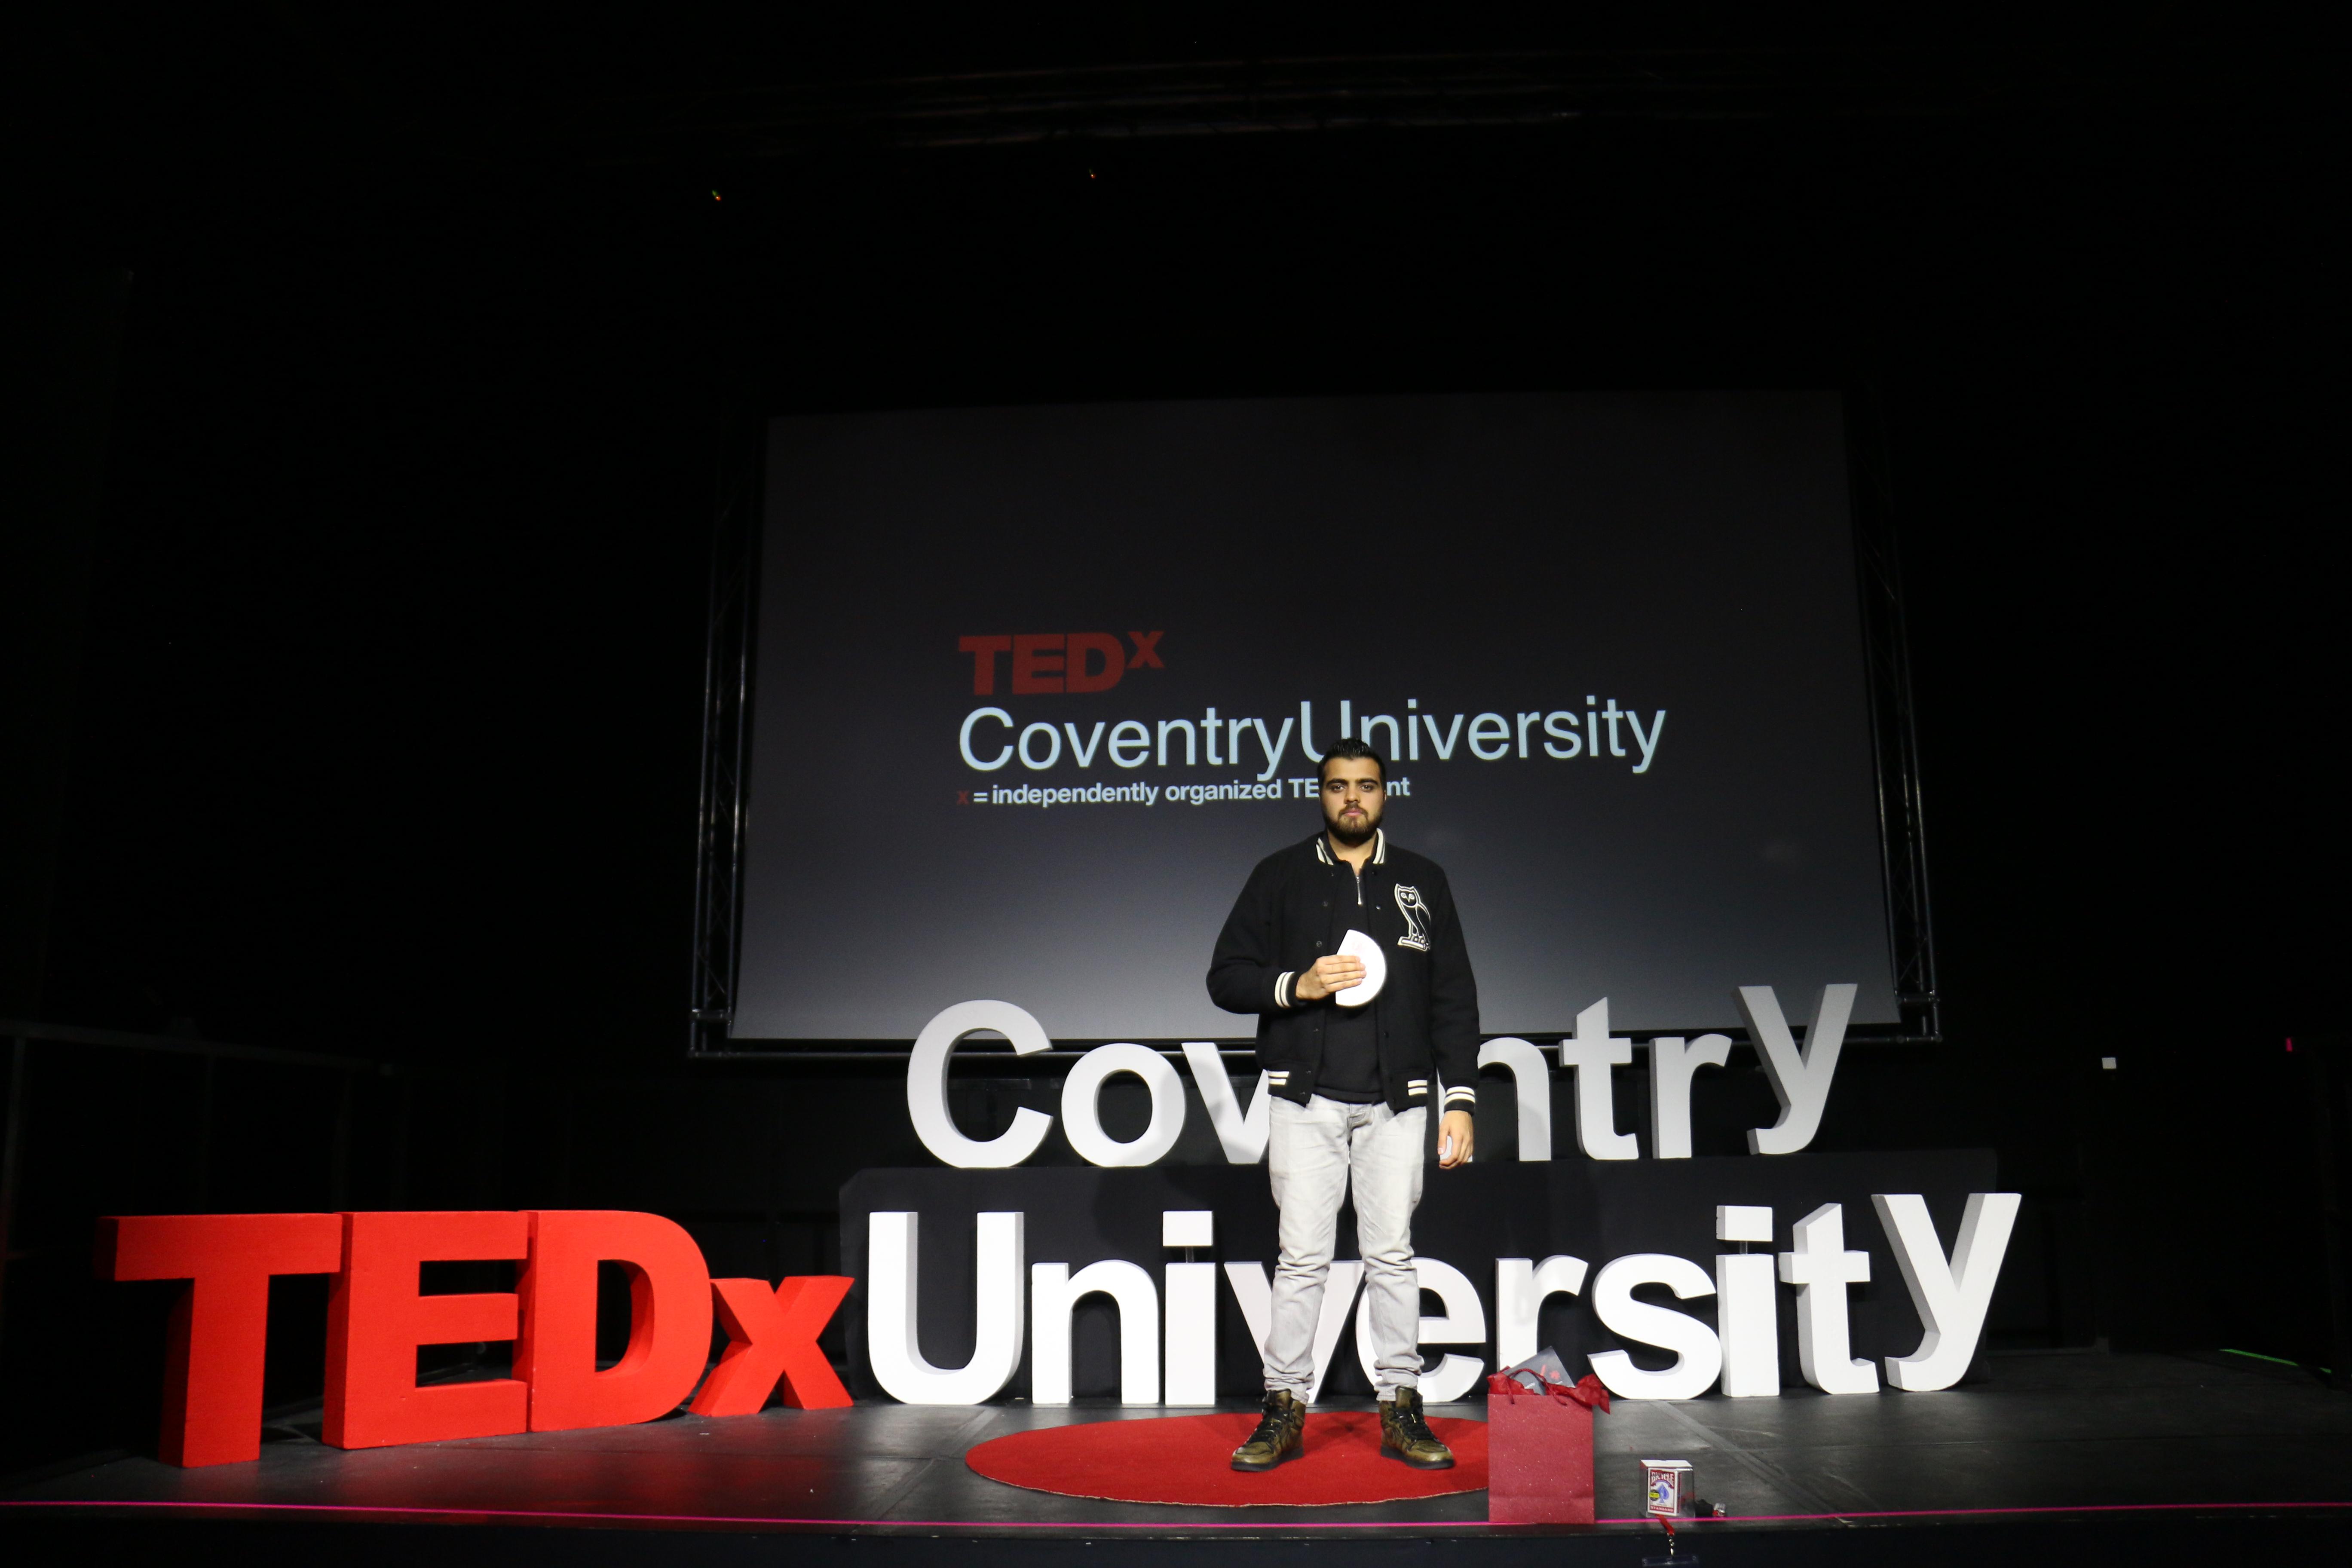 TEDx Coventry University 2018